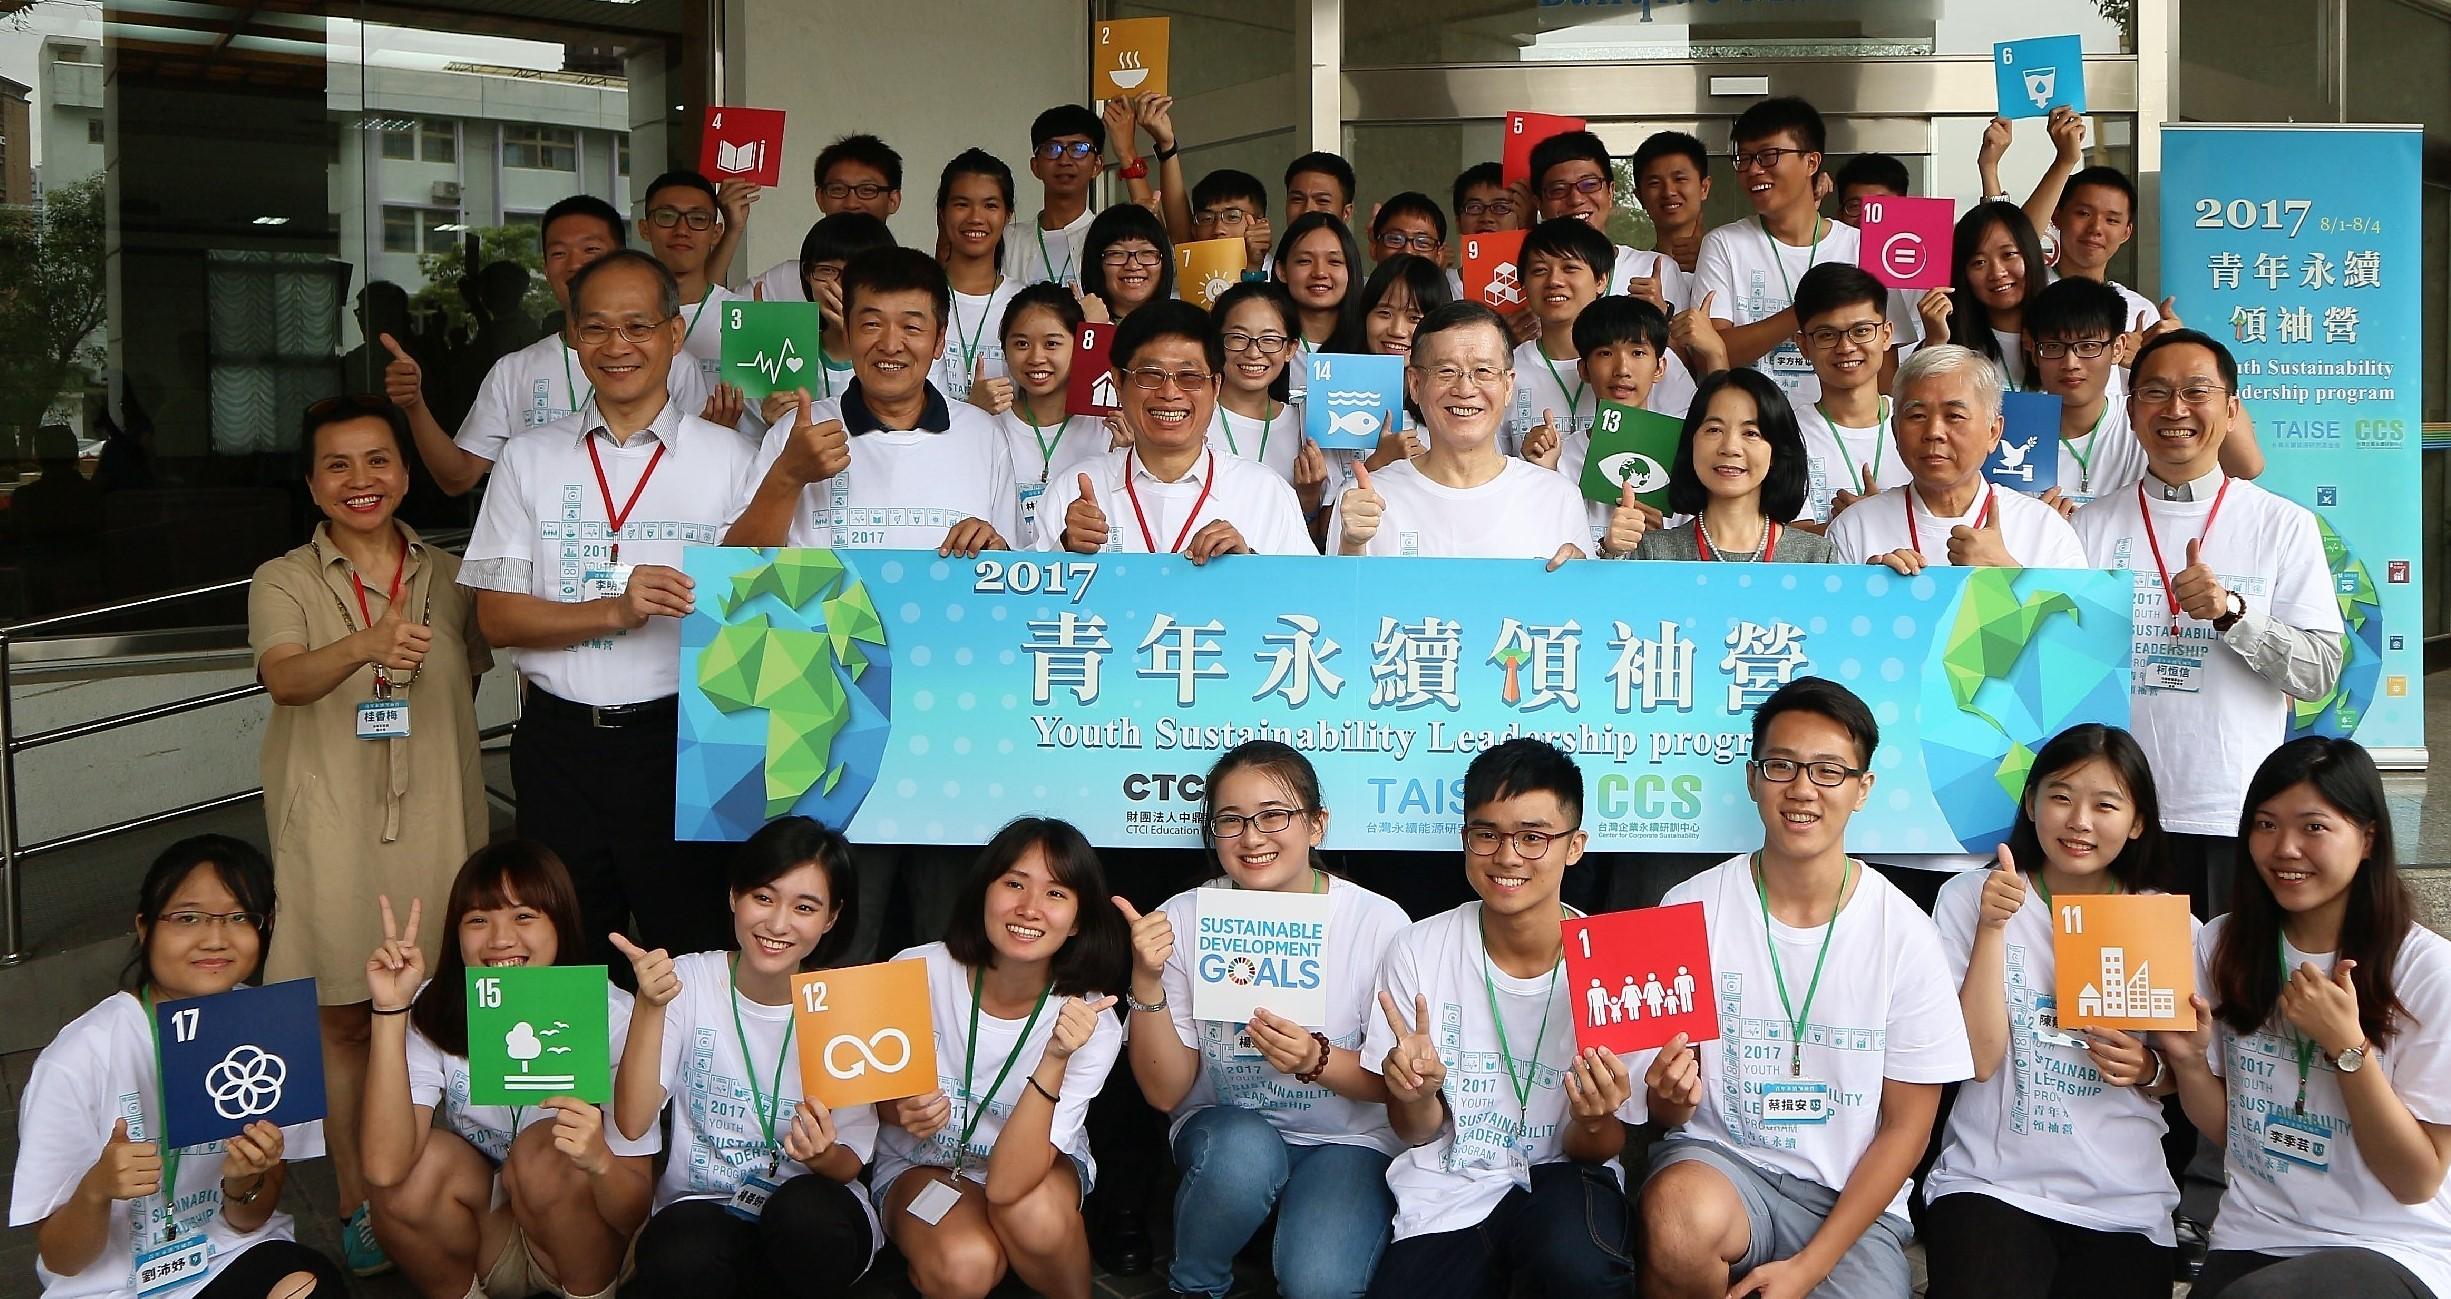 「2017青年永續領袖營」 引領34名青年永續領袖揚帆啟航